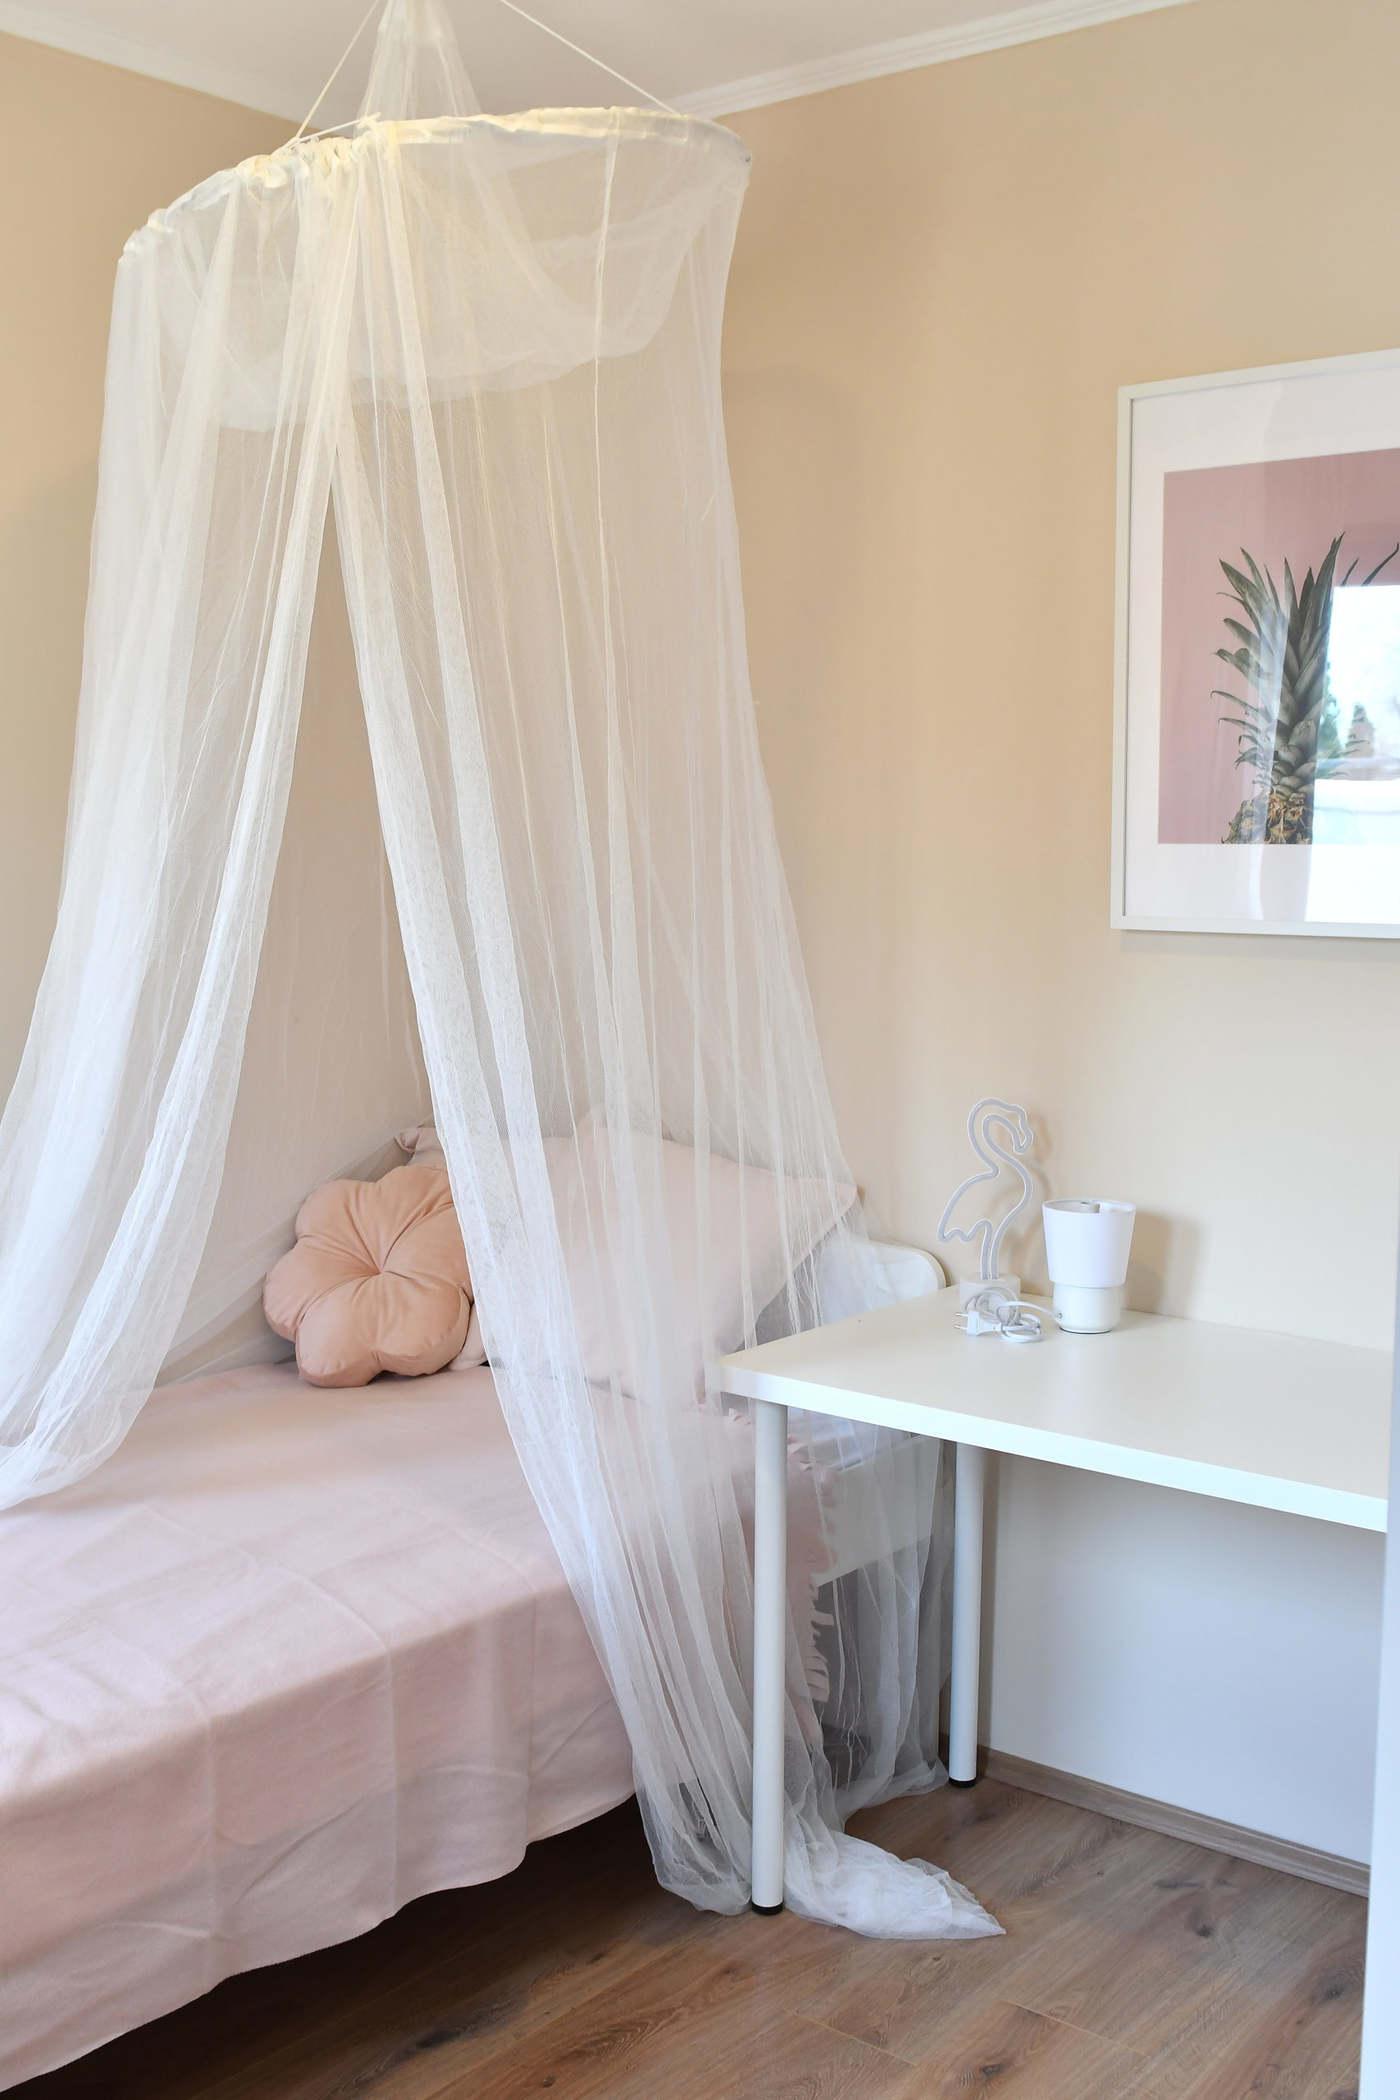 Noncsi szobája. Fotó: TV2